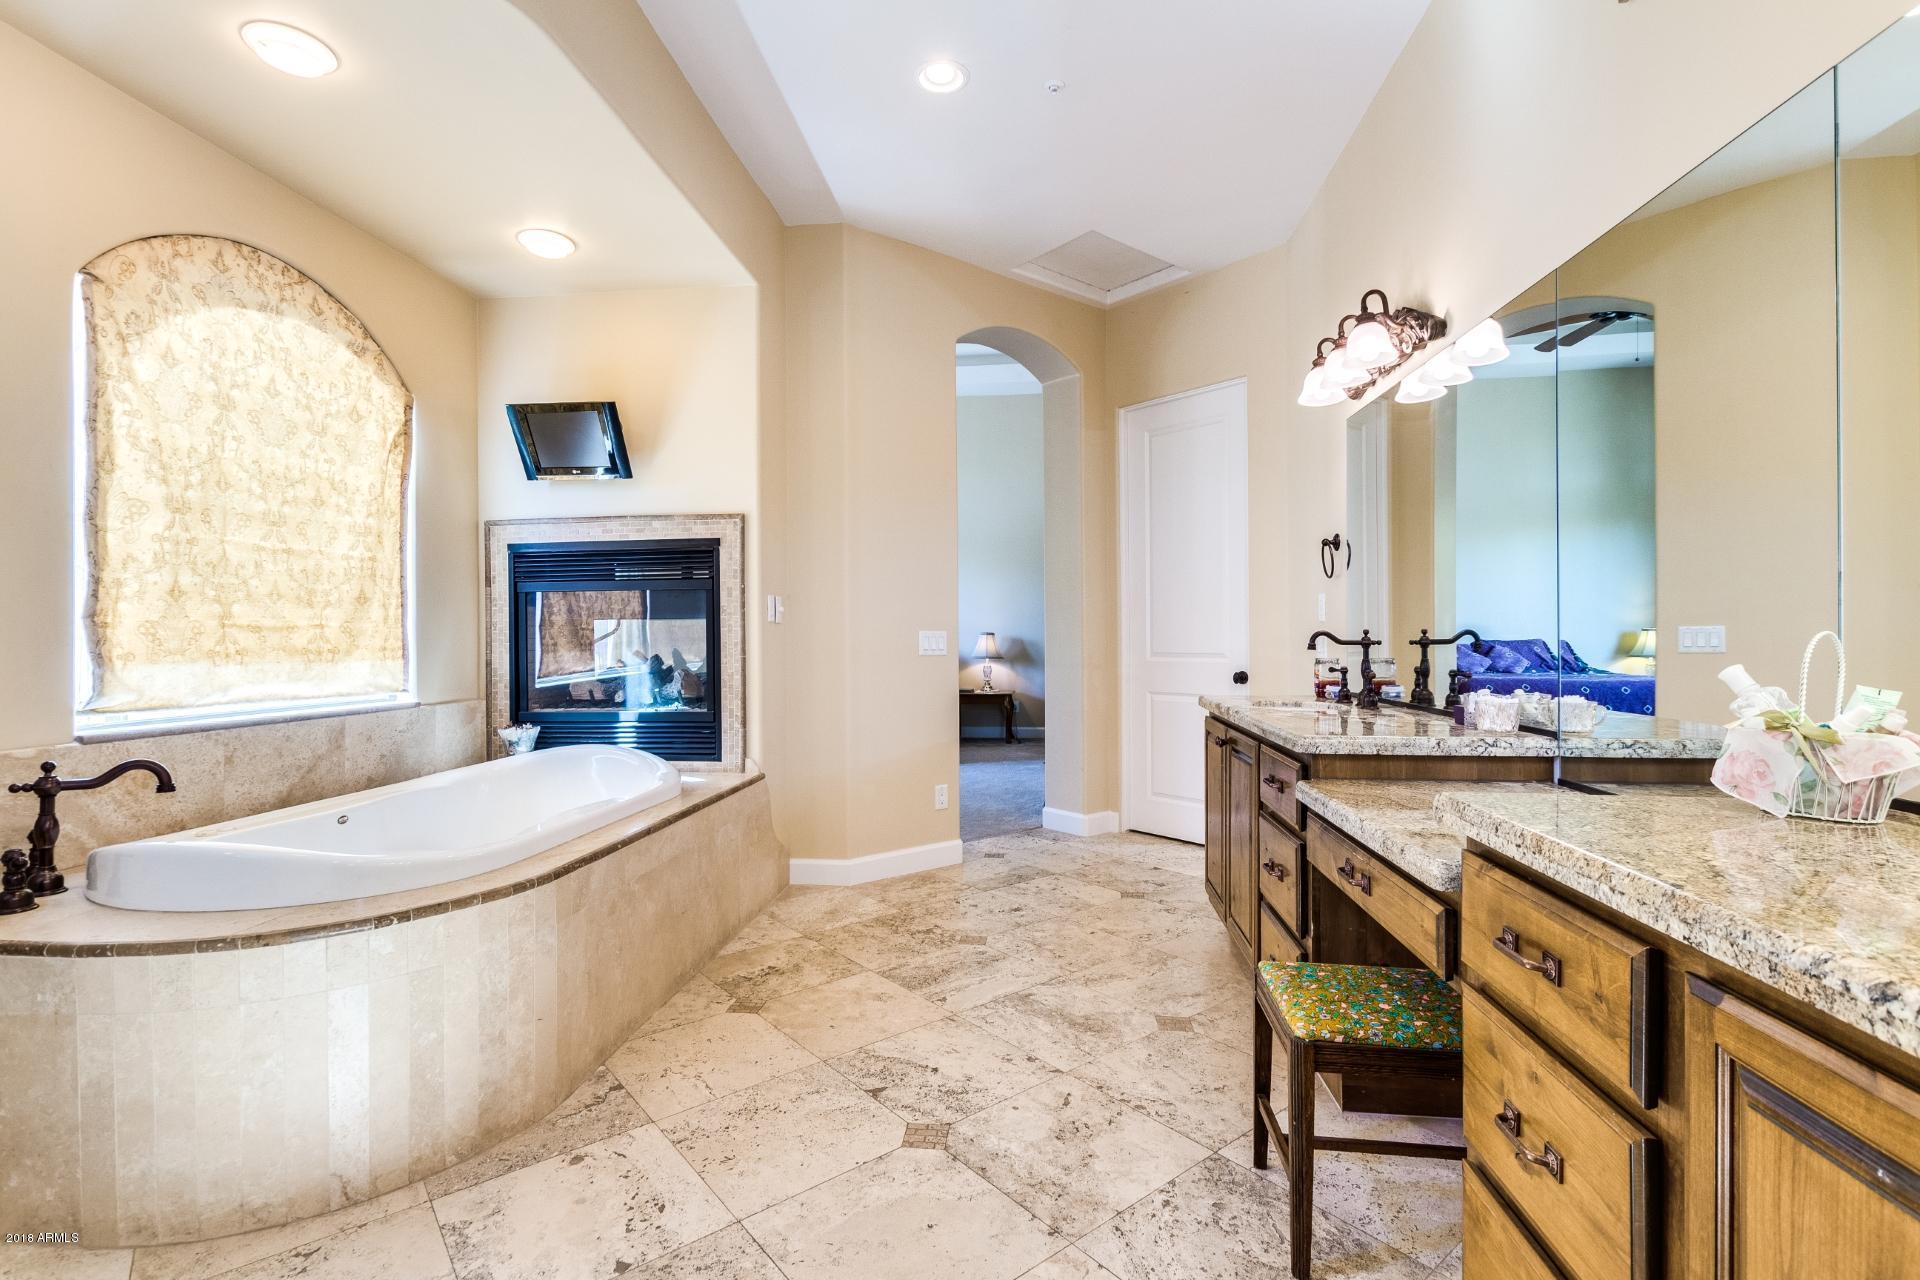 MLS 5831367 14395 E CORRINE Drive, Scottsdale, AZ 85259 Scottsdale AZ Hidden Hills